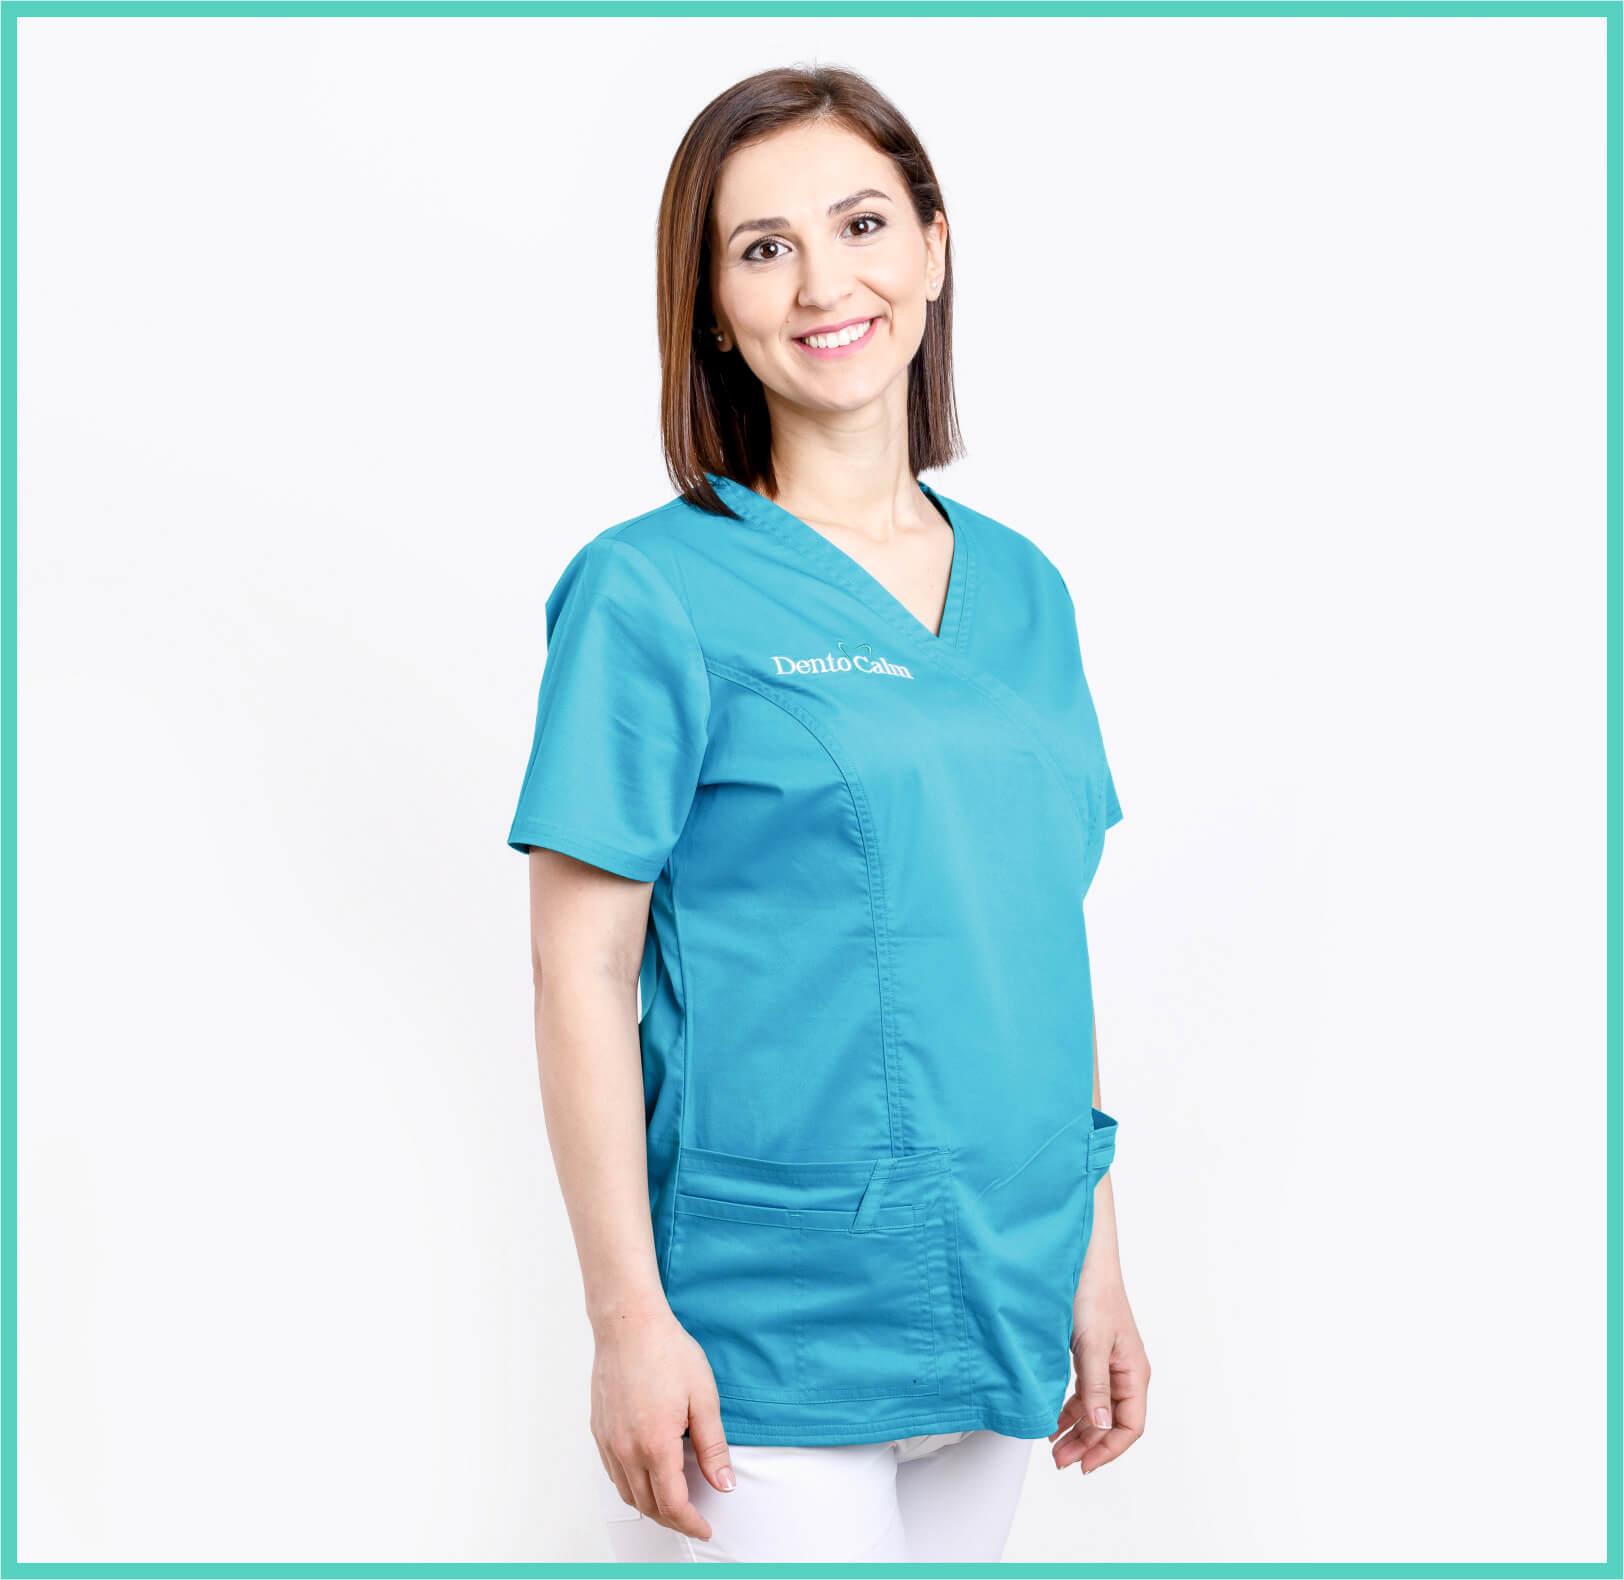 Dr. Cristina Alb - Clinica Dentocalm